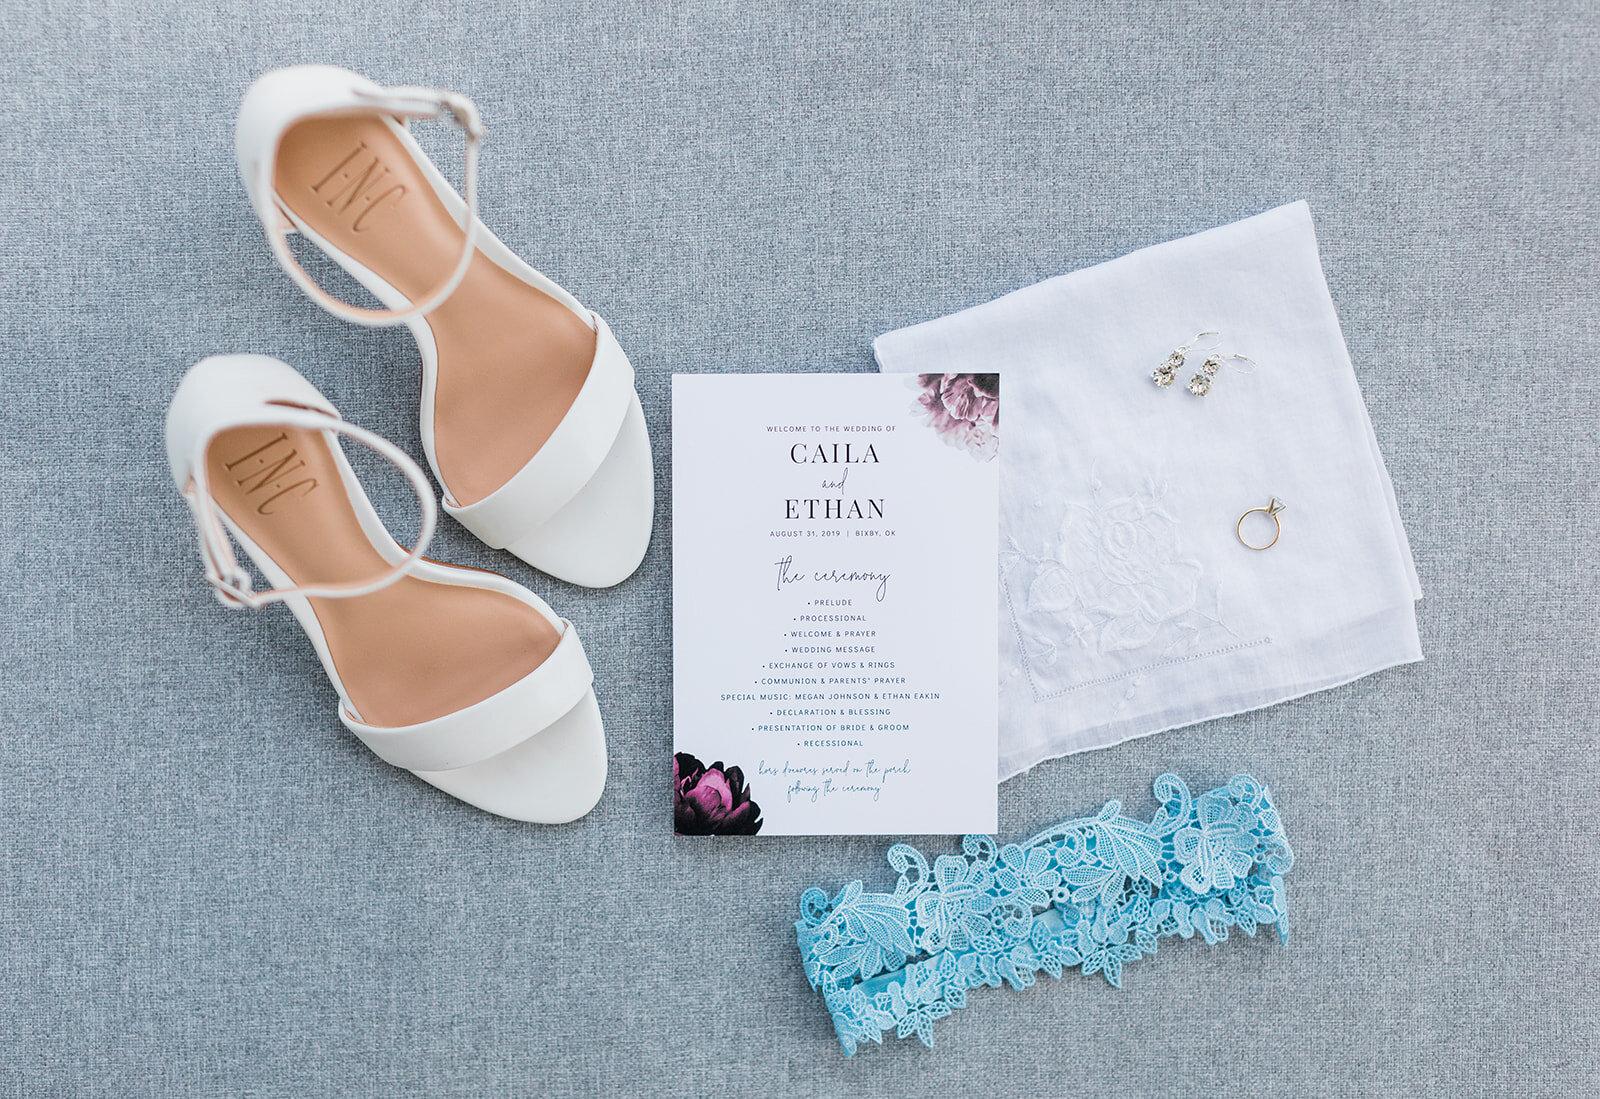 Tulsa Oklahoma Wedding Venues 0.jpg